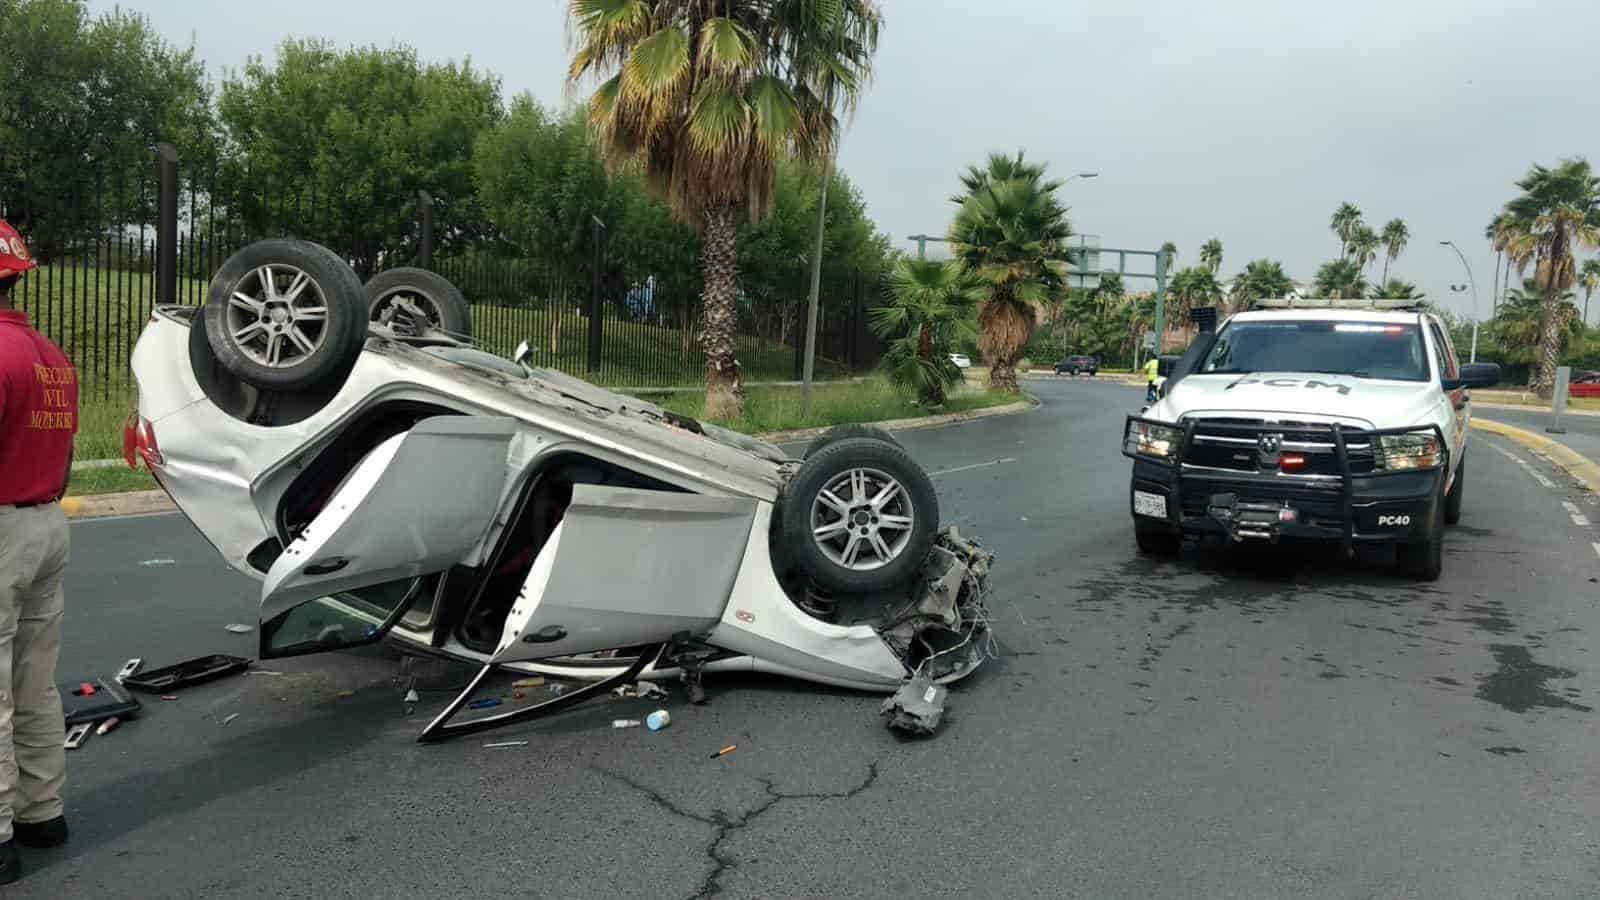 El aparente exceso de velocidad en que se desplazaba, ocasionó que un conductor perdiera el control de su unidad y terminara volcándose